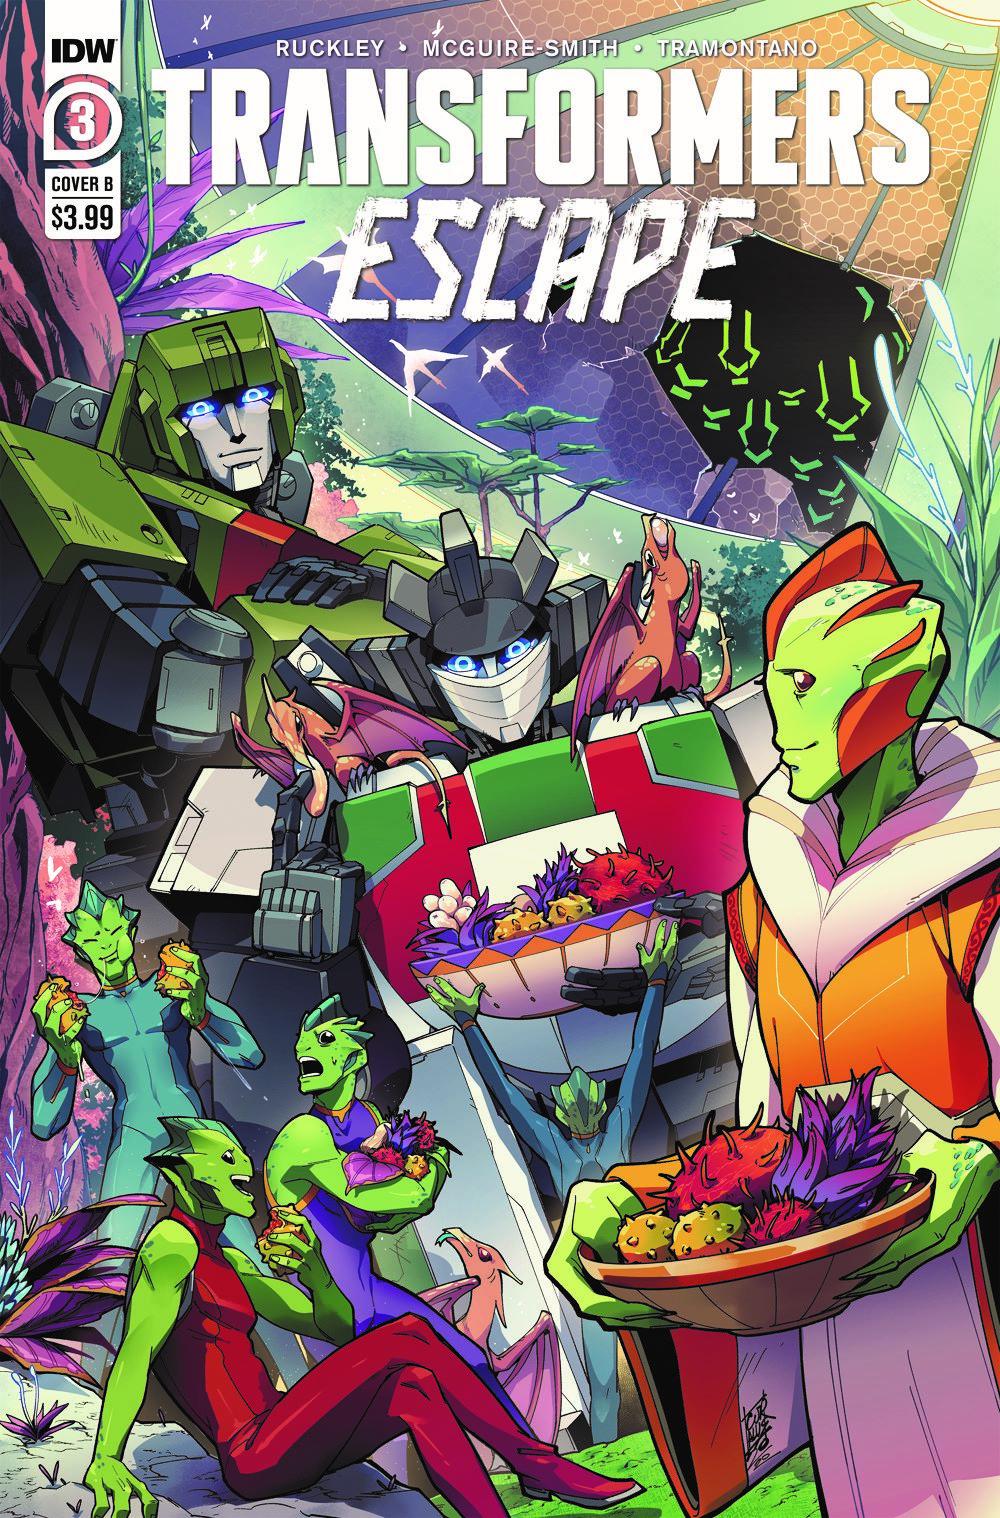 TFEscape03-Cover-B ComicList Previews: TRANSFORMERS ESCAPE #3 (OF 5)